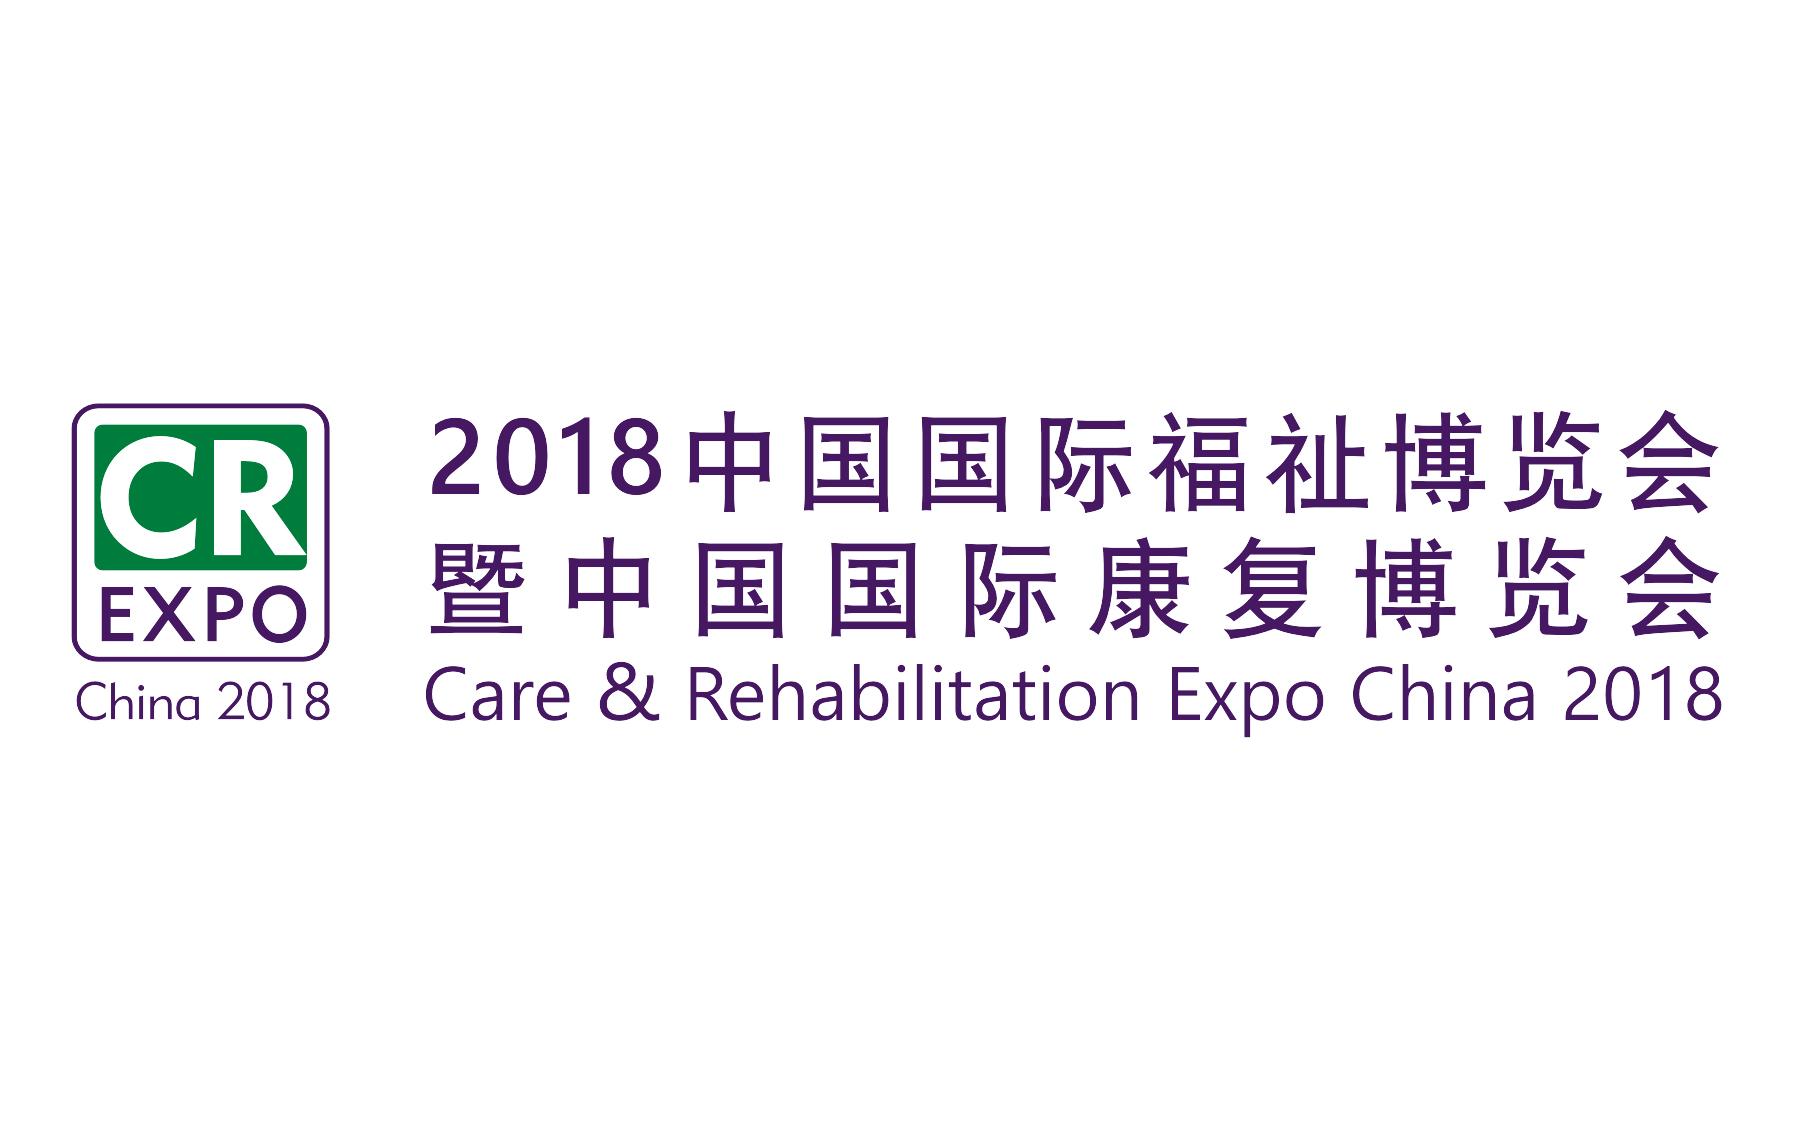 Care & Rehabilitation Expo China 2018